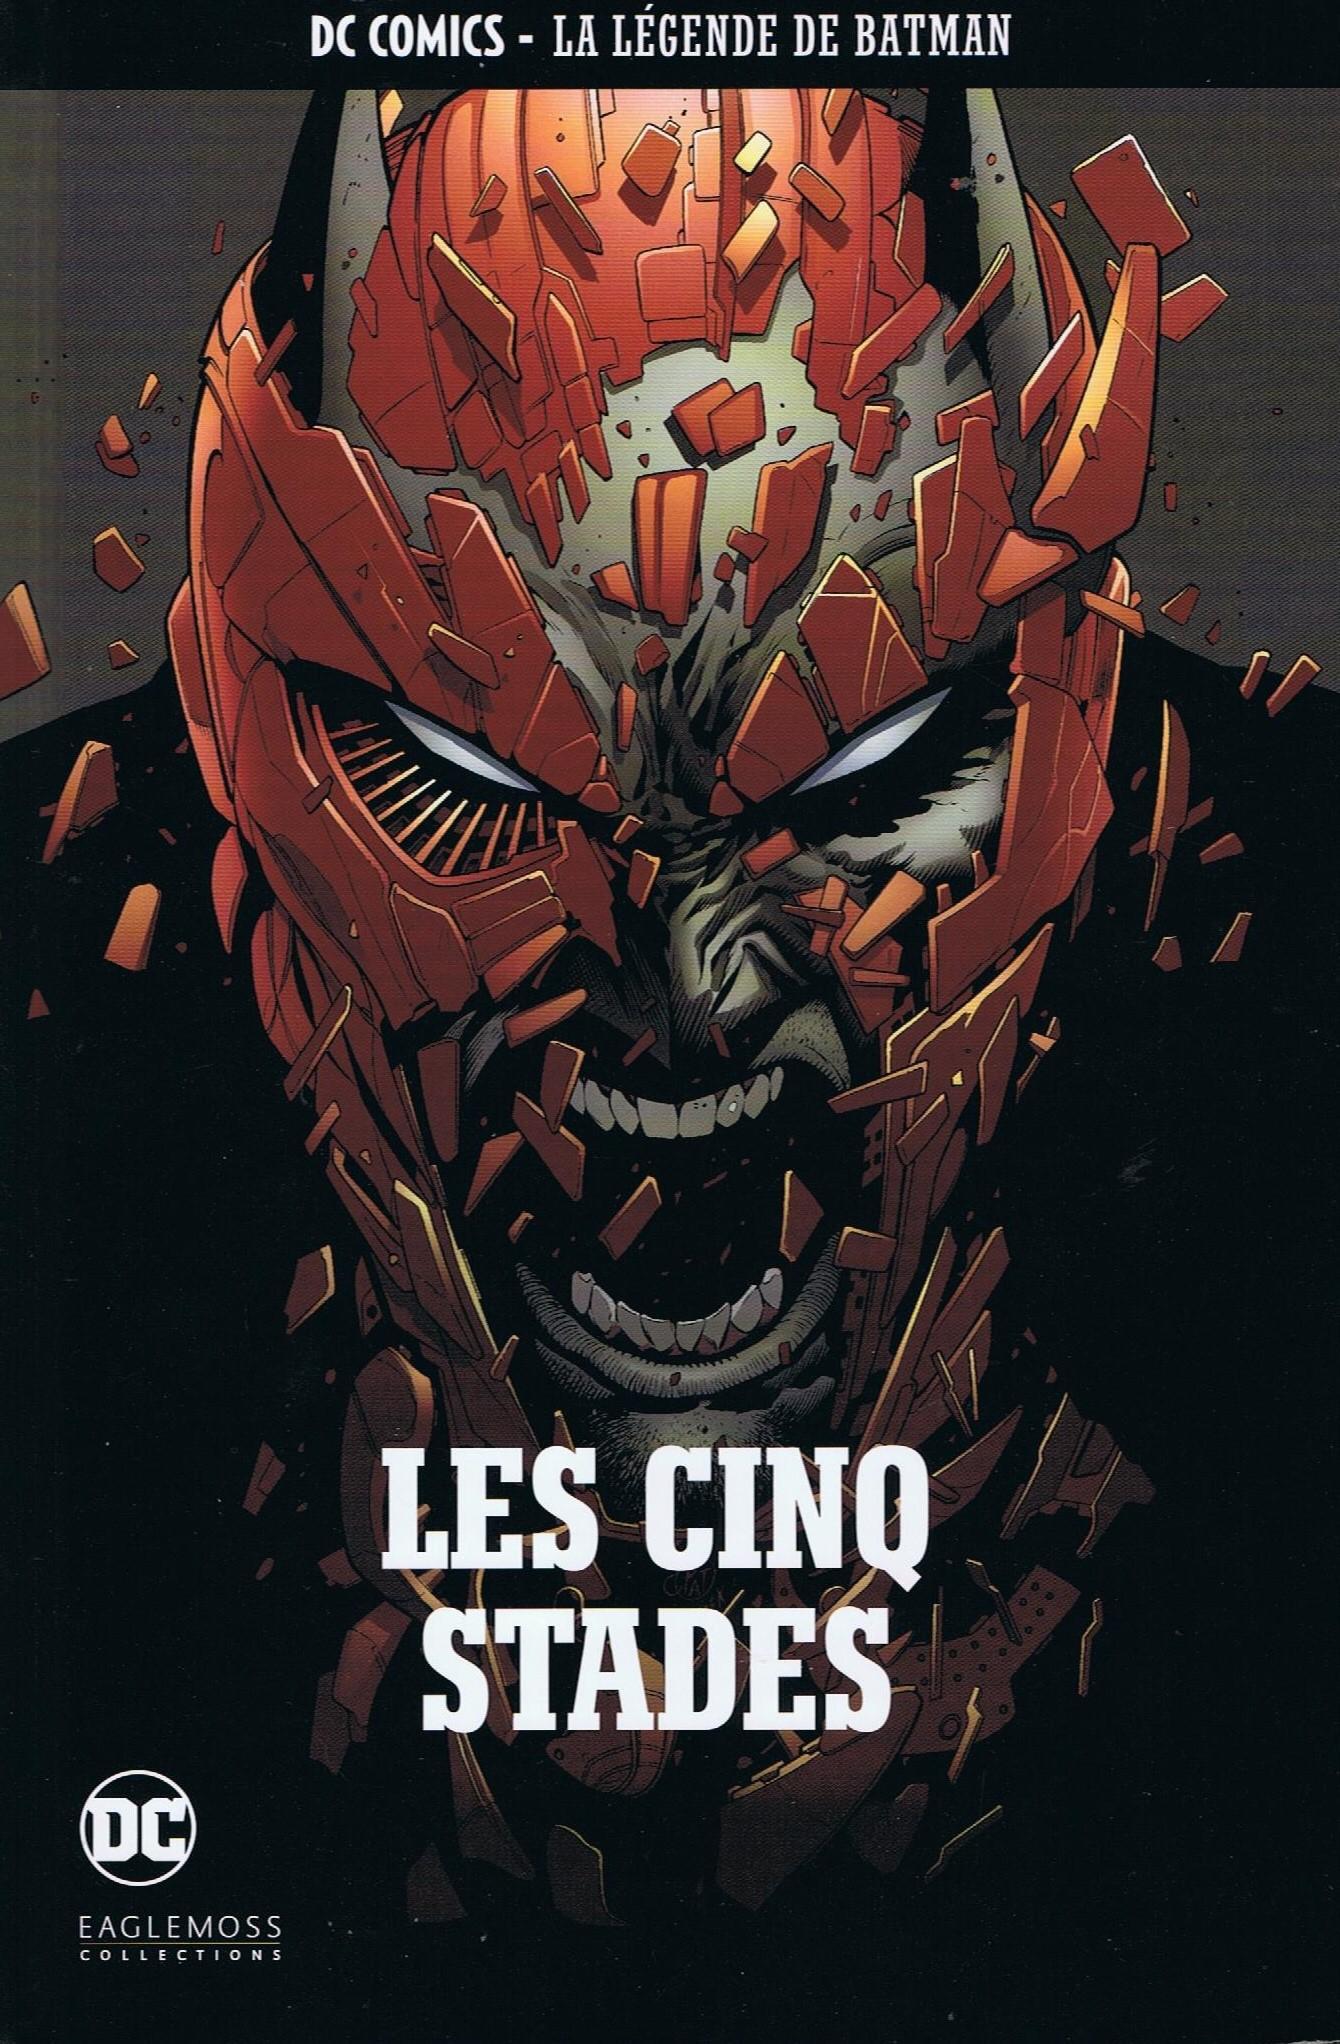 DC Comics - La Légende de Batman 37 - Les cinq stades